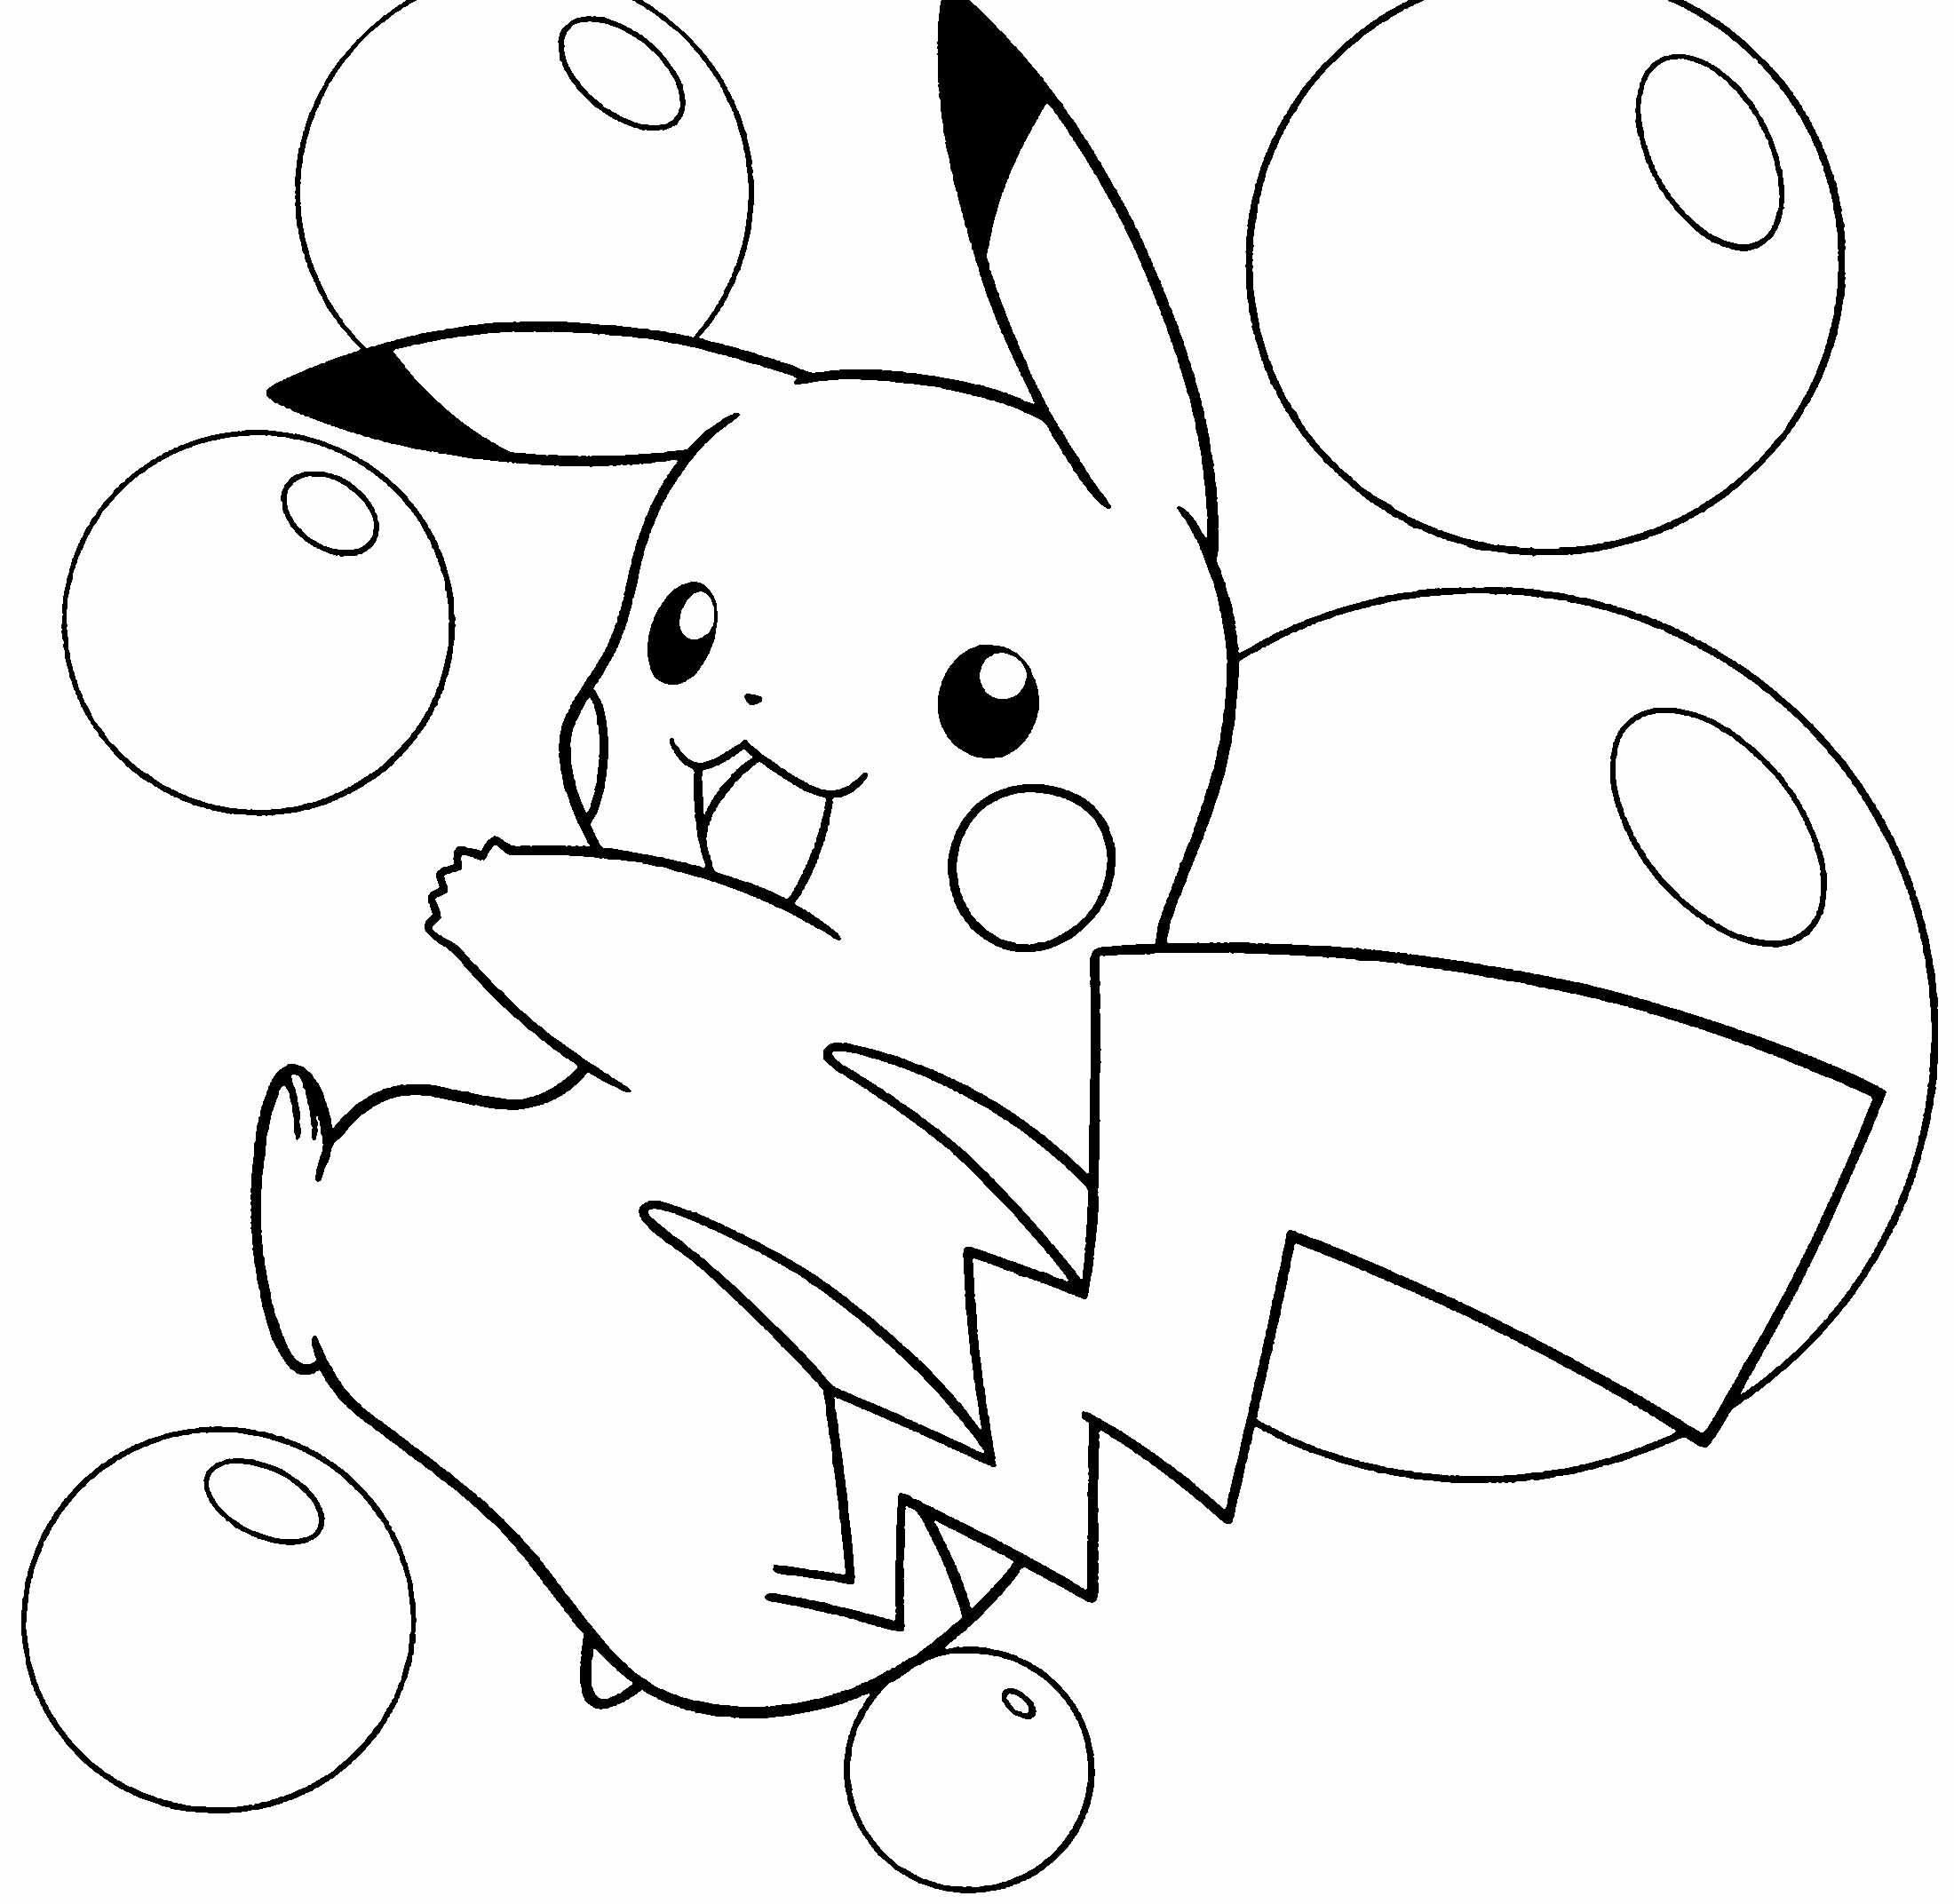 81 dessins de coloriage pikachu imprimer sur page 5 - Dessin de pikachu ...